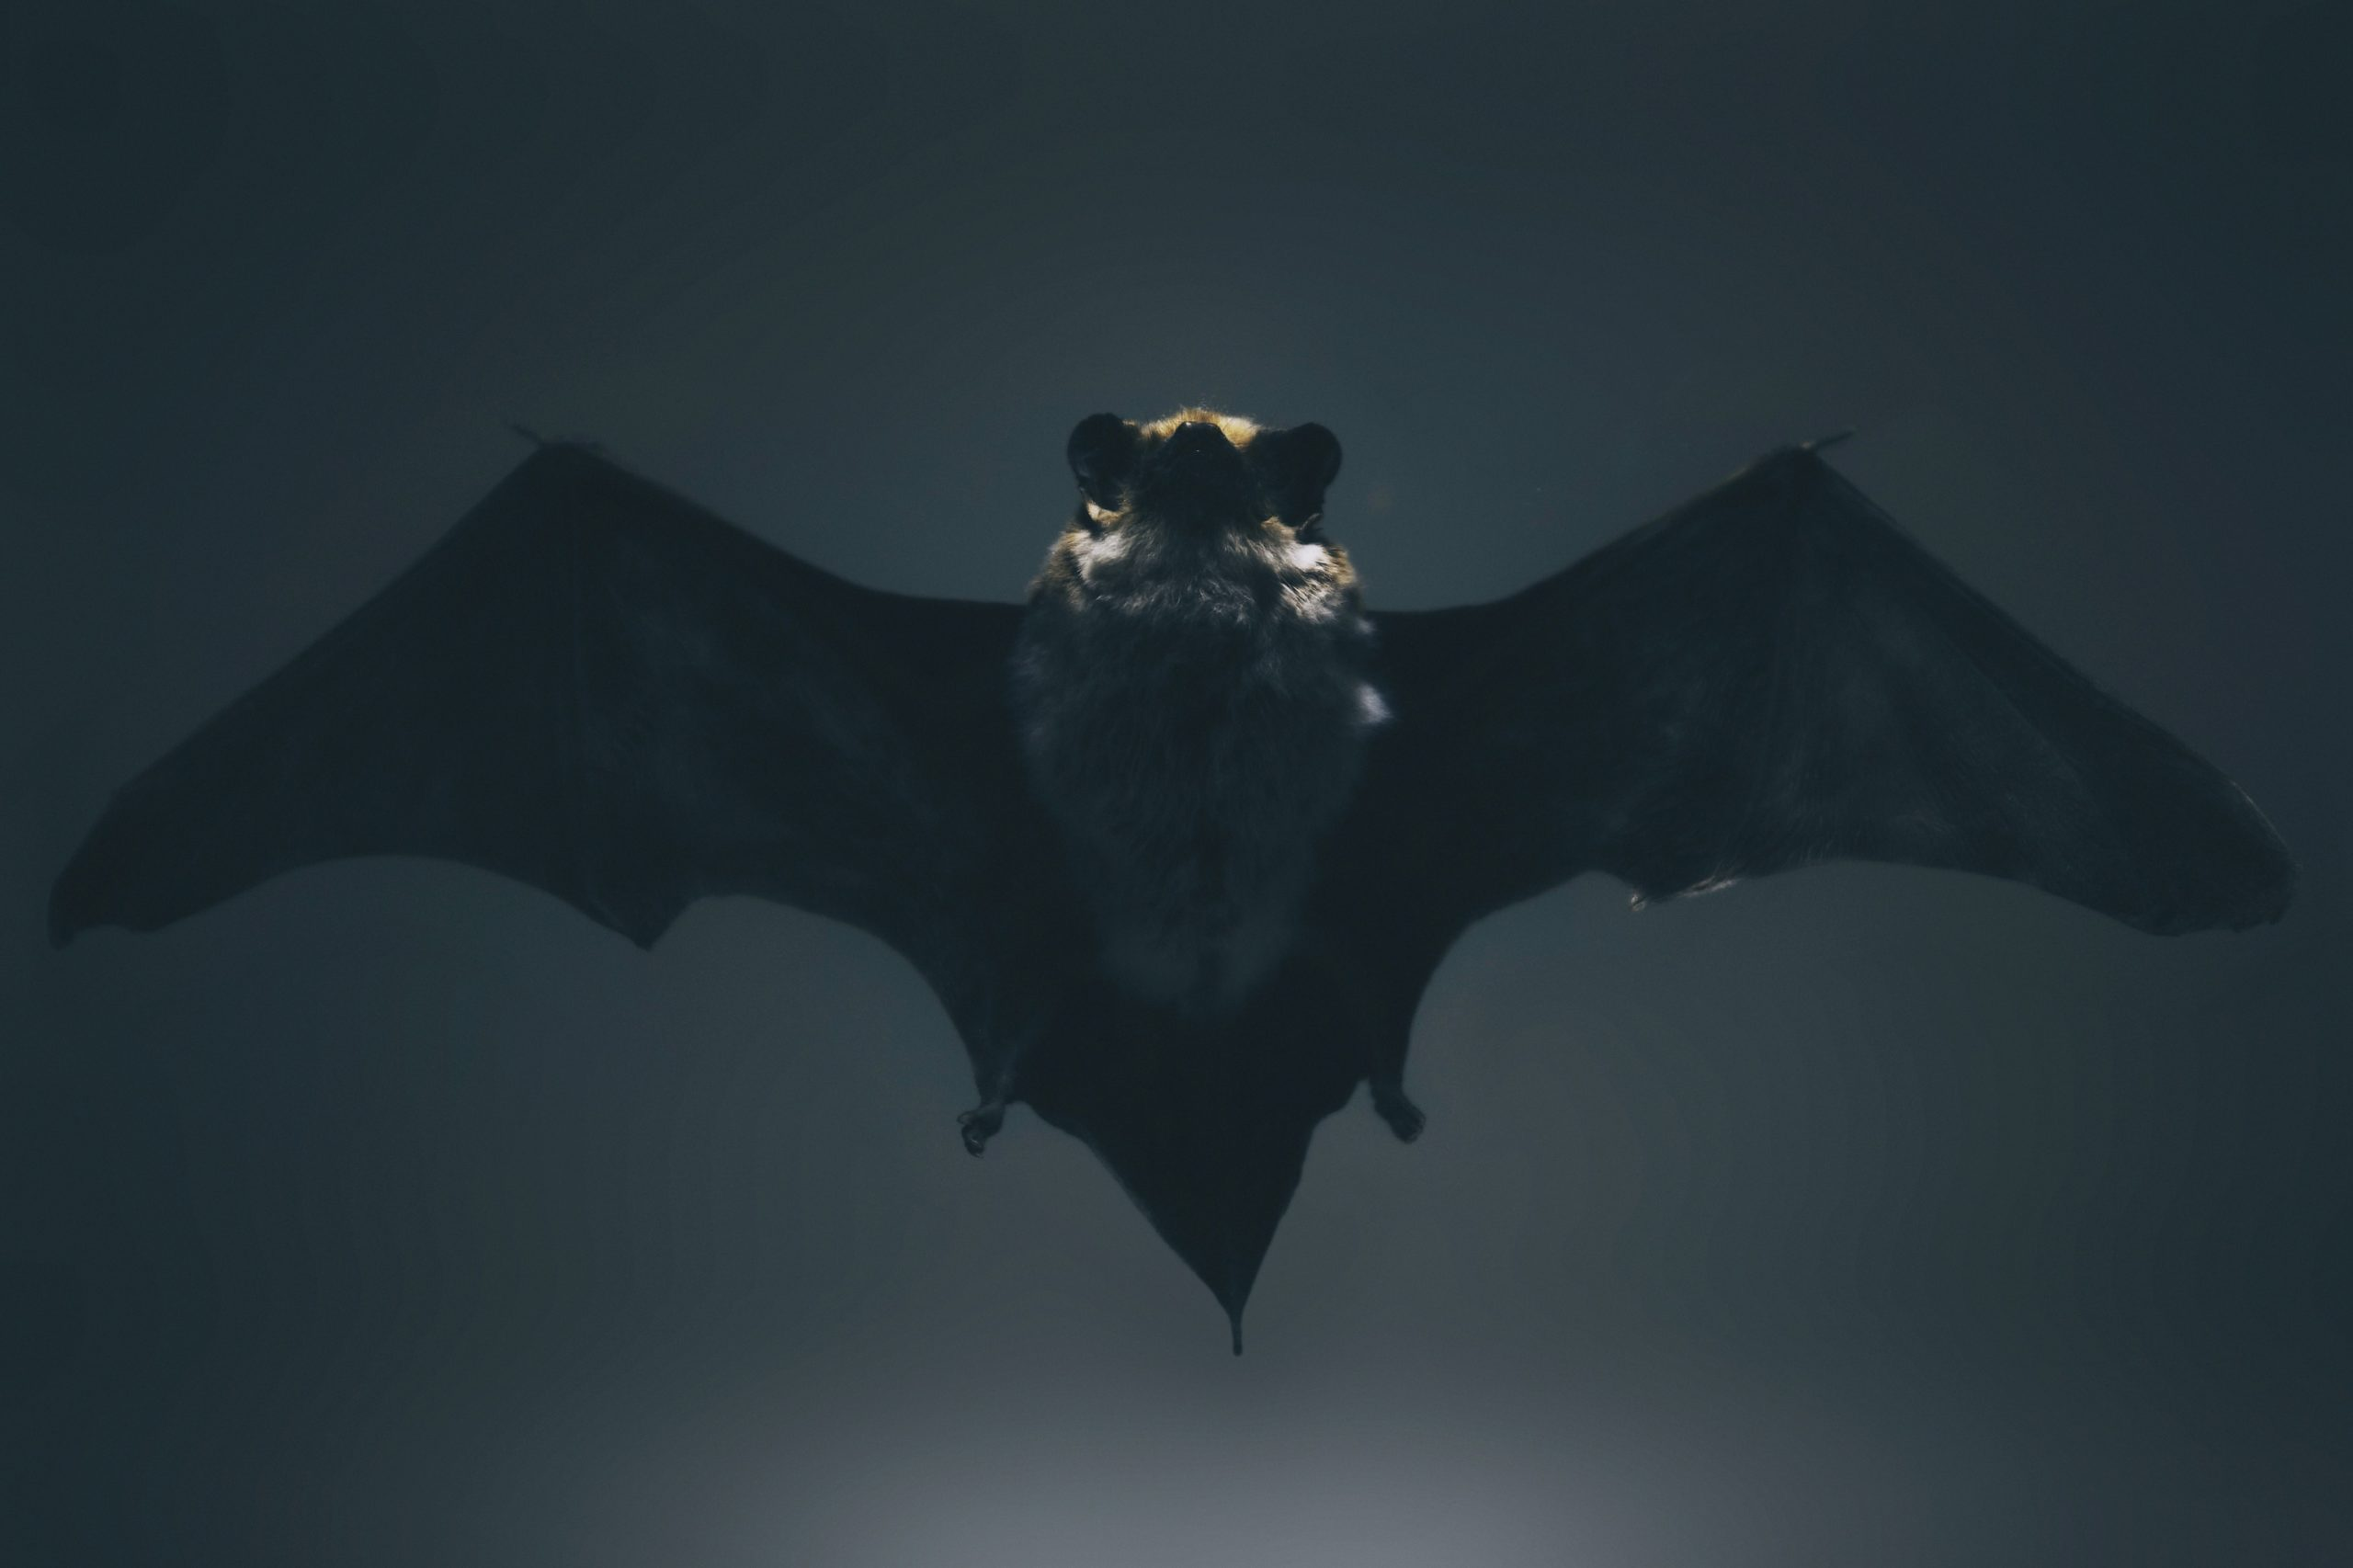 Em 2018, o vírus Nipah causou um pequeno surto no sul da Índia, deixando as autoridades preocupadas. A doença, que também é transmitida por morcegos, apareceu pela primeira vez na Malásia. (Foto: Unsplash)